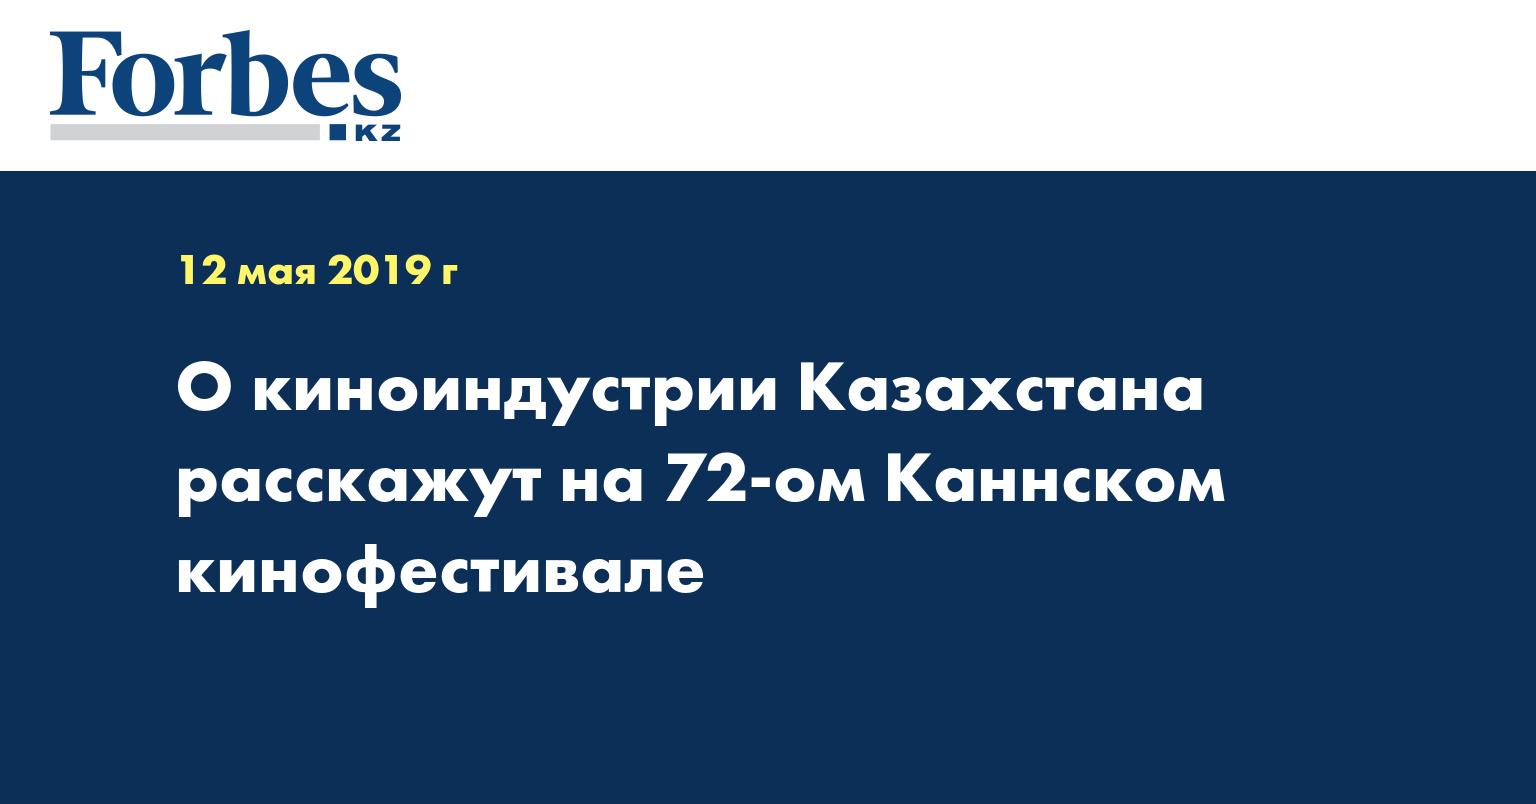 О киноиндустрии Казахстана расскажут на 72-ом Каннском кинофестивале